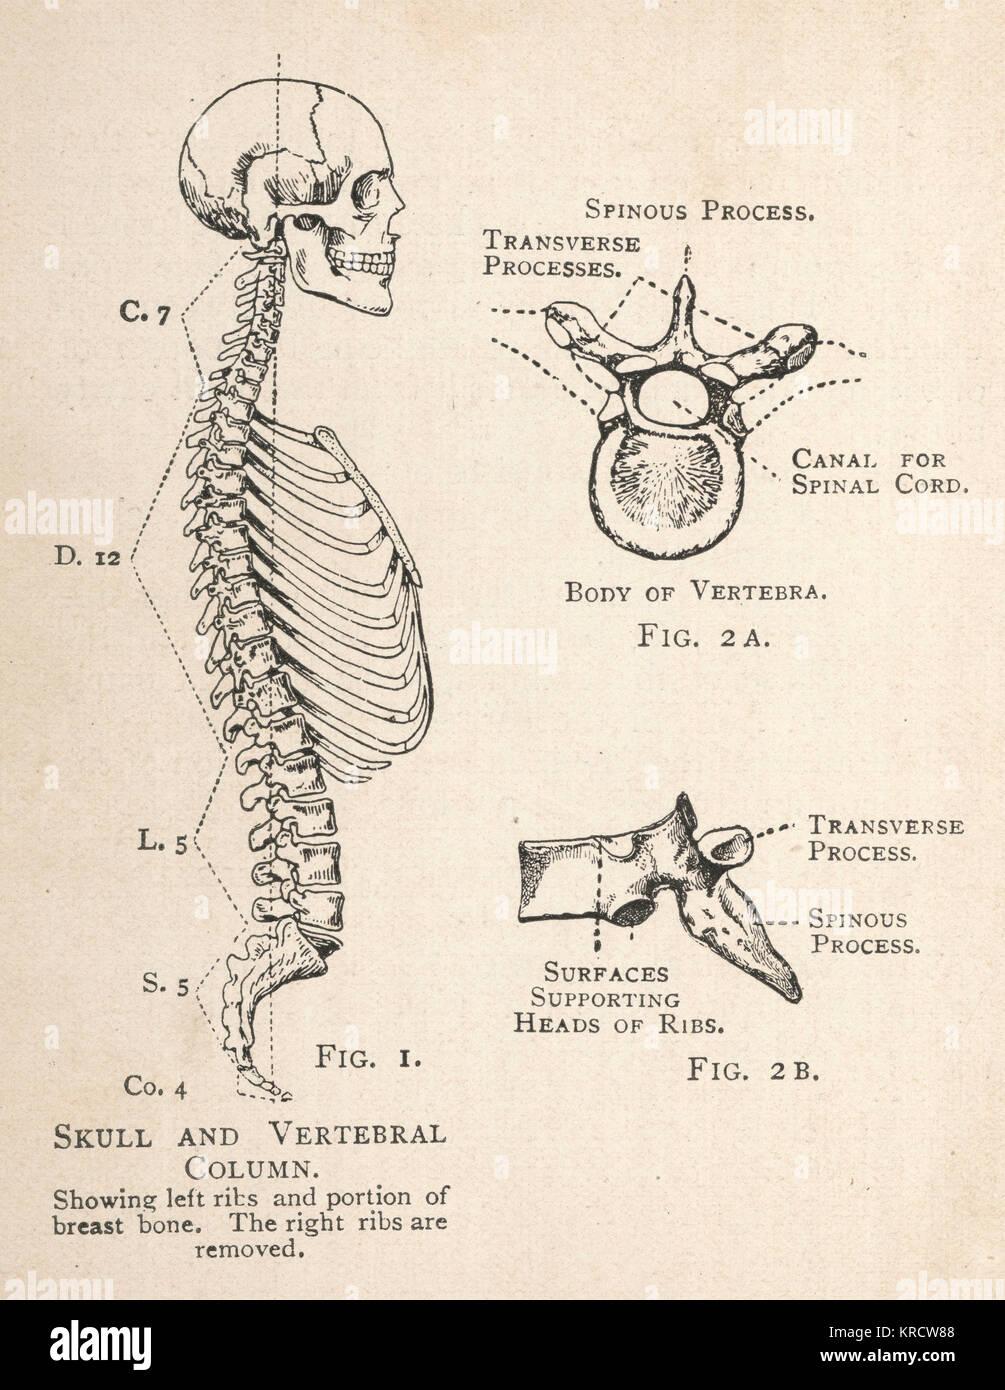 Un diagrama del cráneo y de la columna vertebral humana, mostrando ...